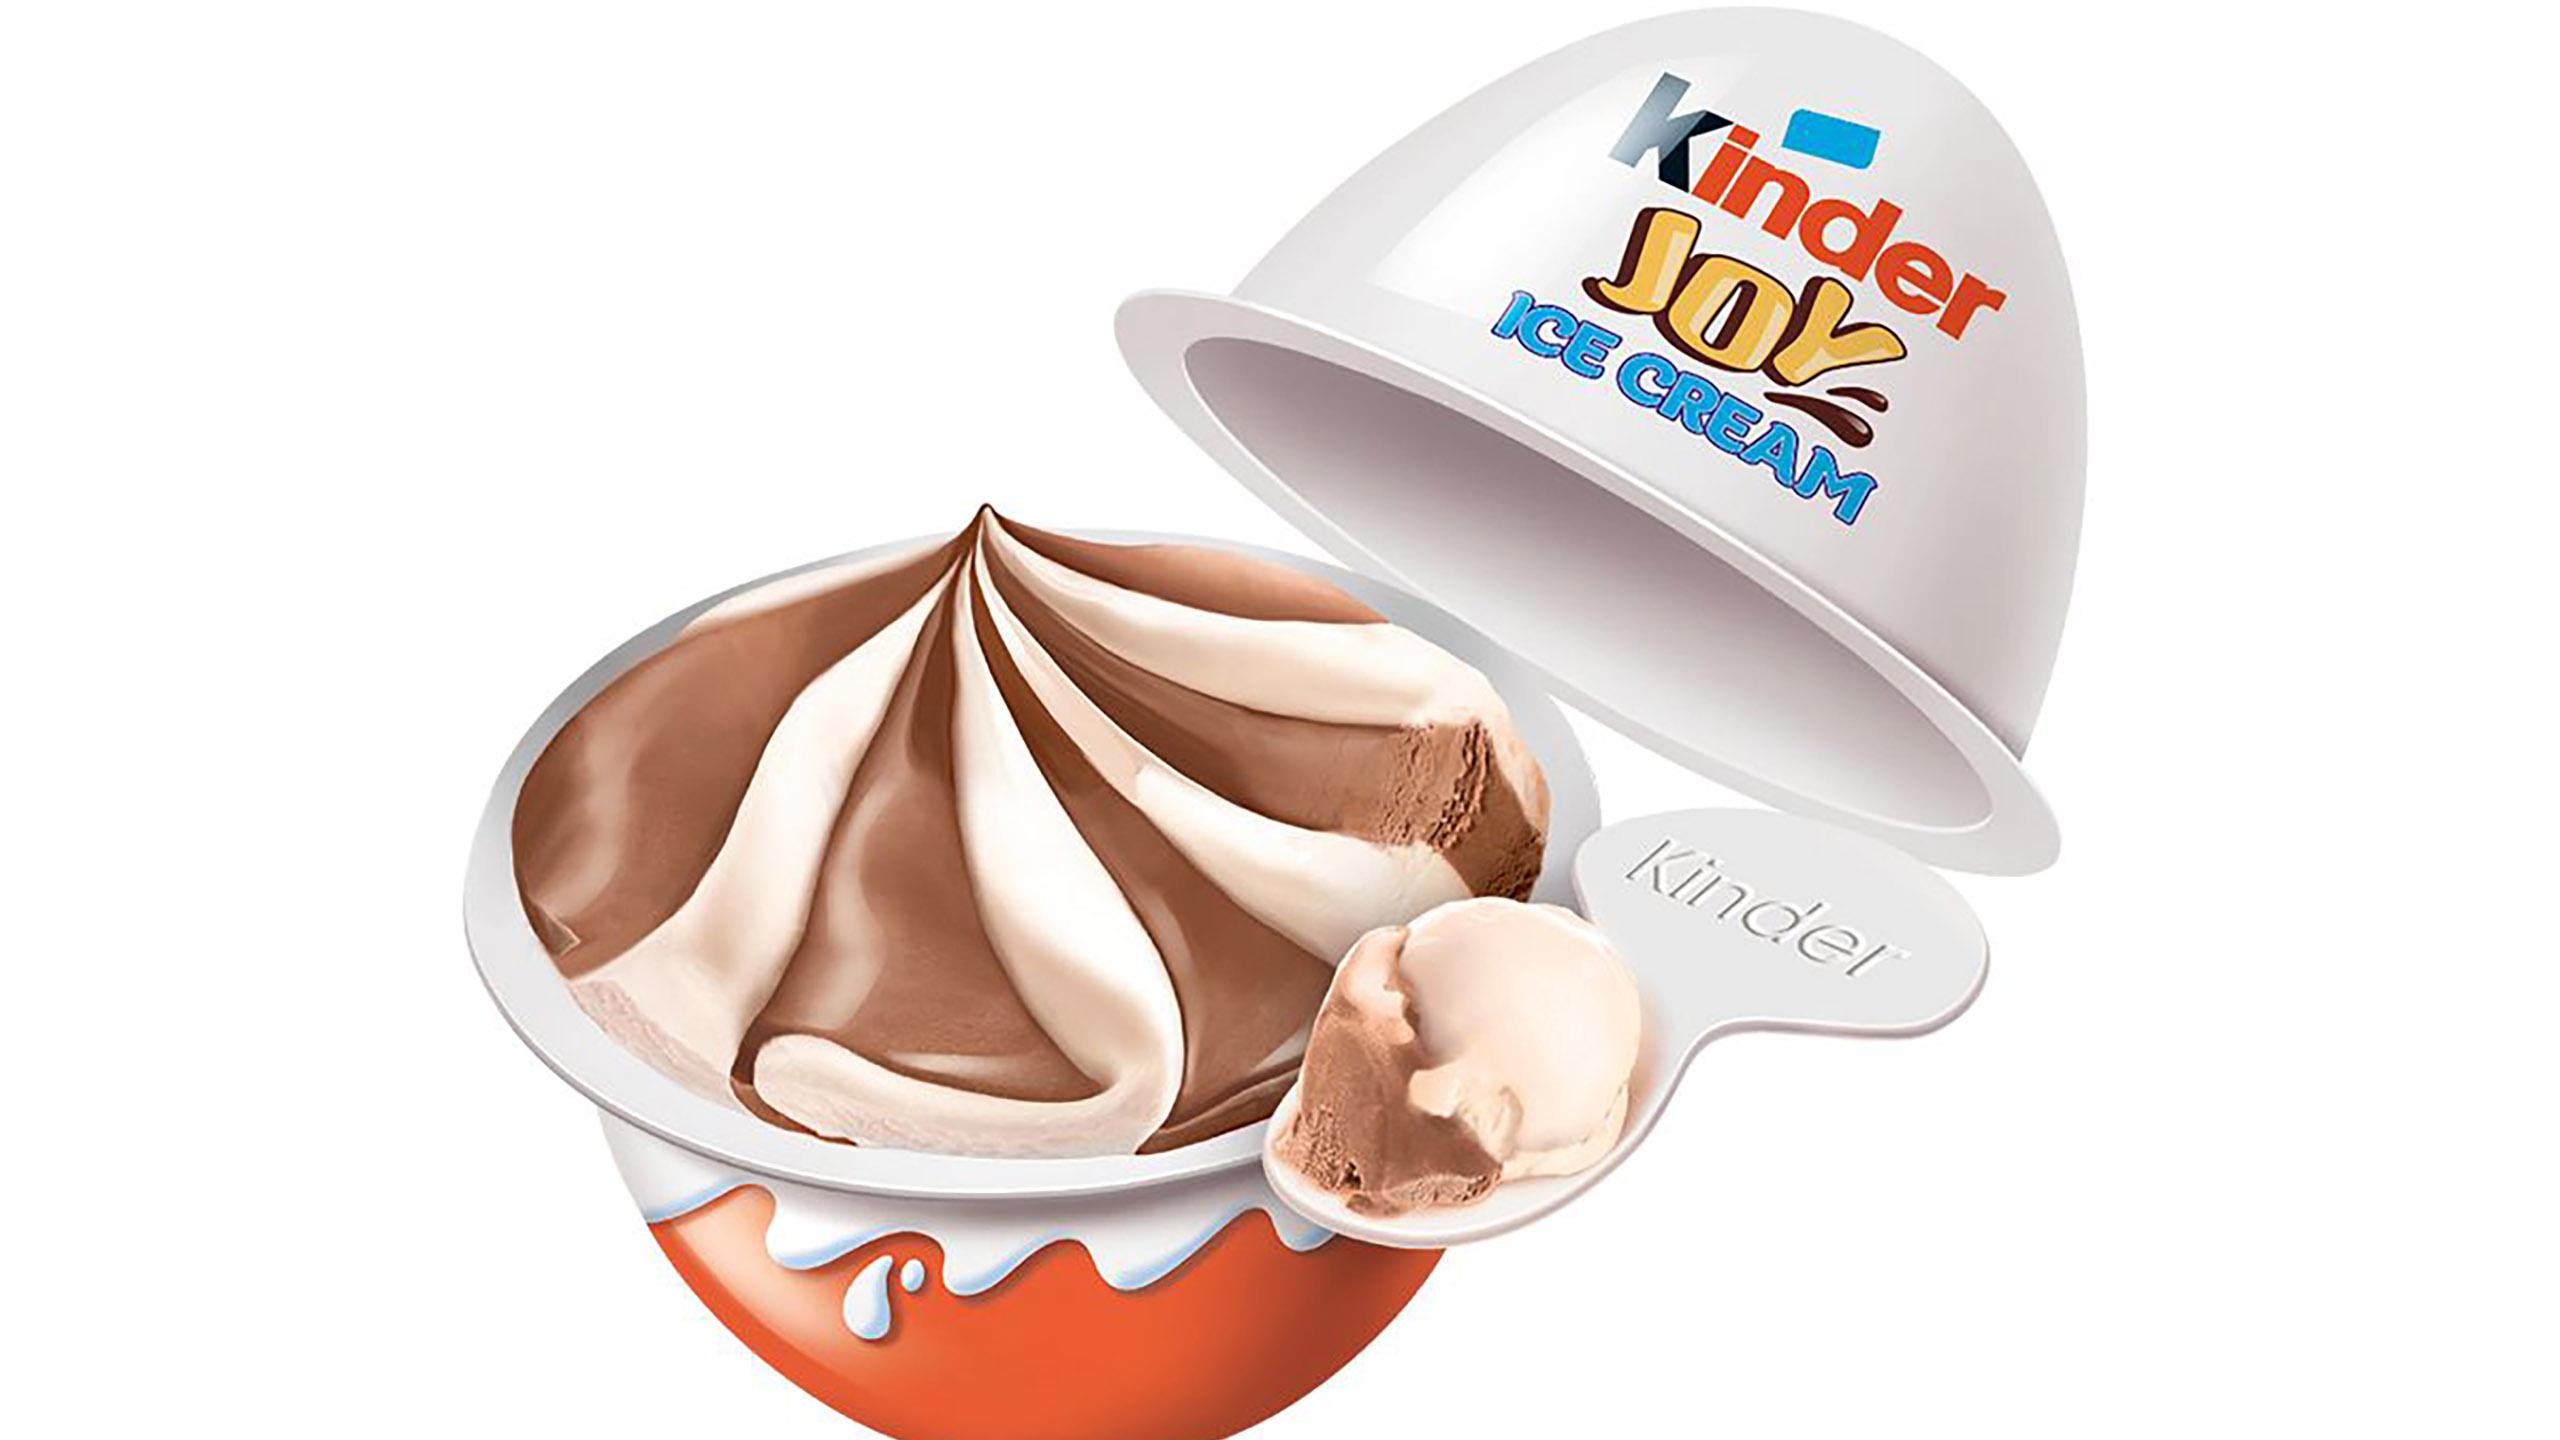 Kinder lanza paletas heladas y helado